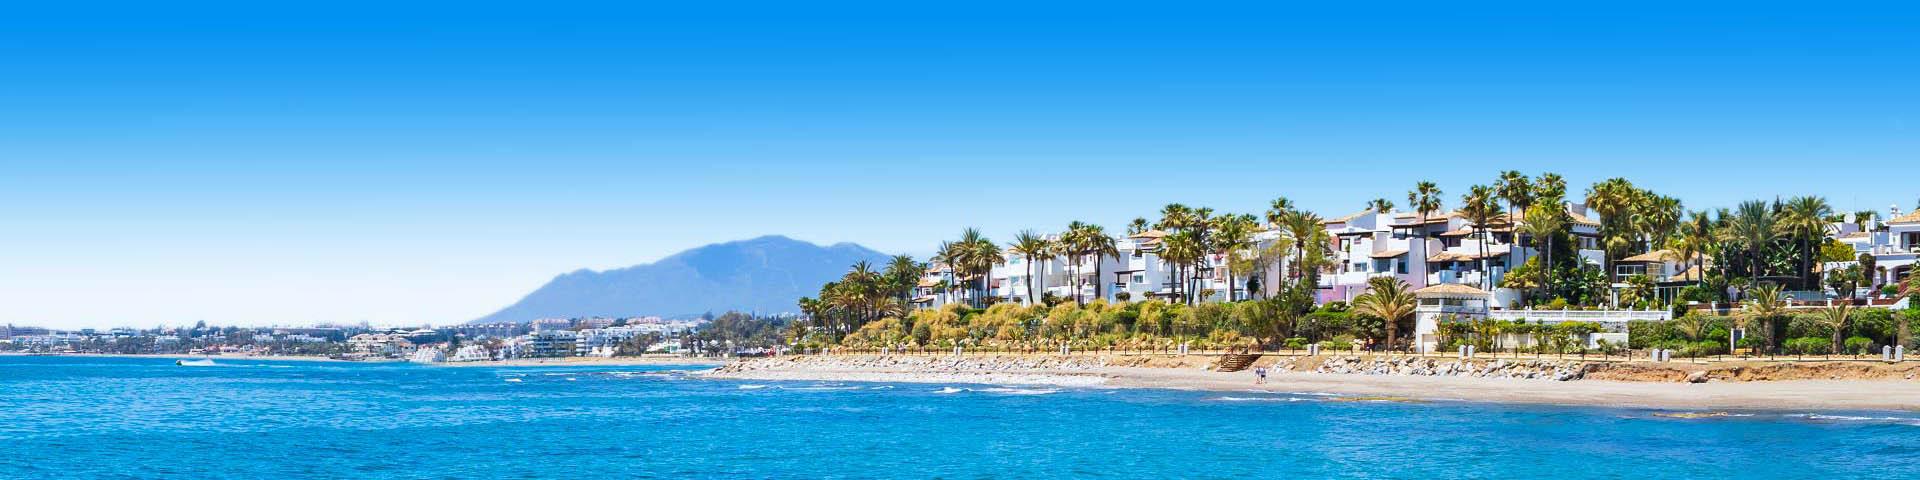 Uitzicht op het mooie strand van Marbella met ligbedjes en parasols